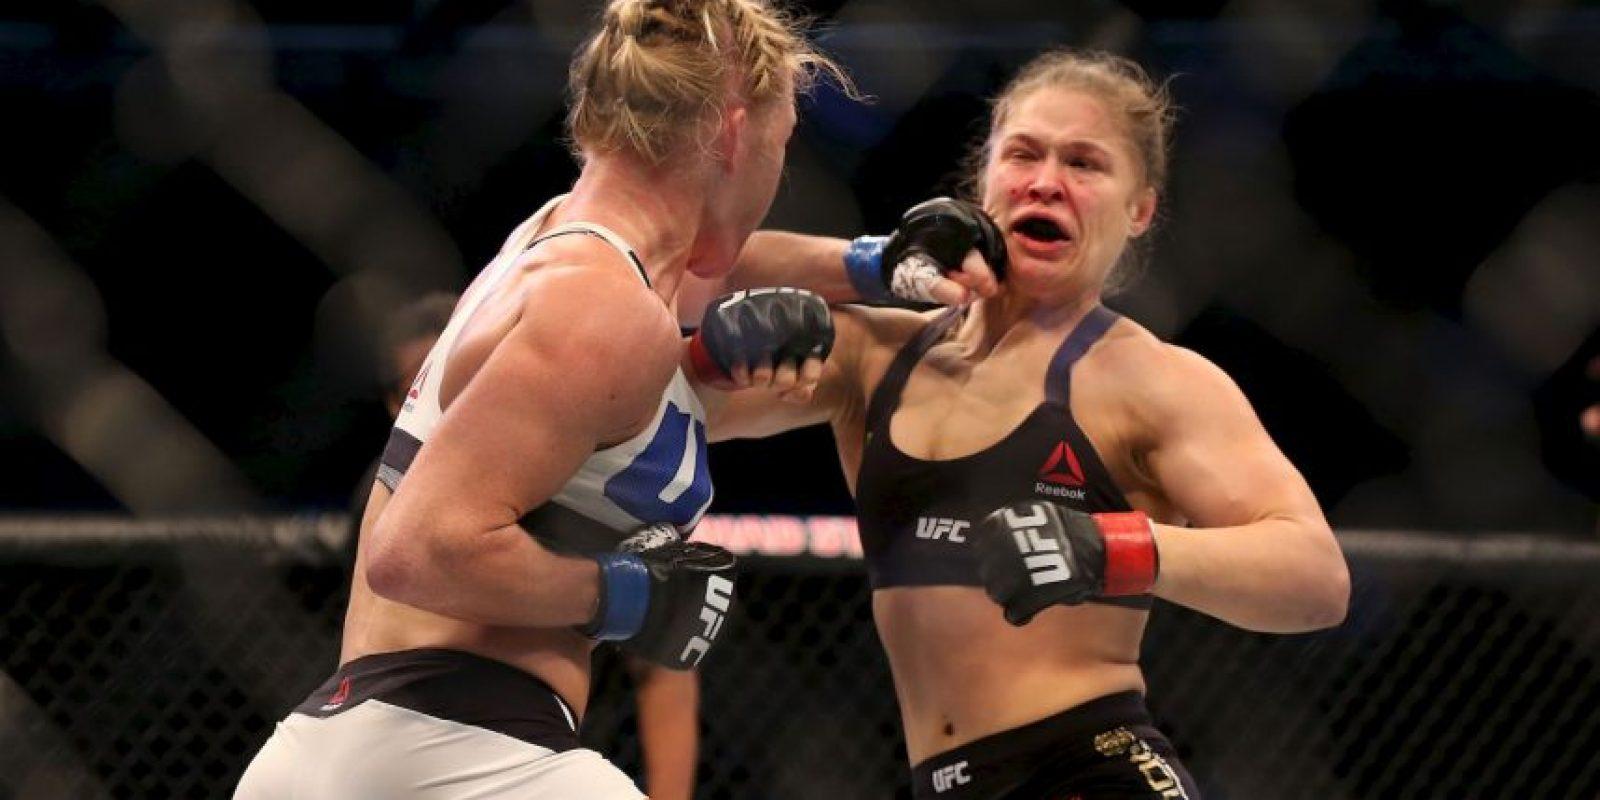 Su última pelea fue el 15 de noviembre de 2015 Foto:Getty Images